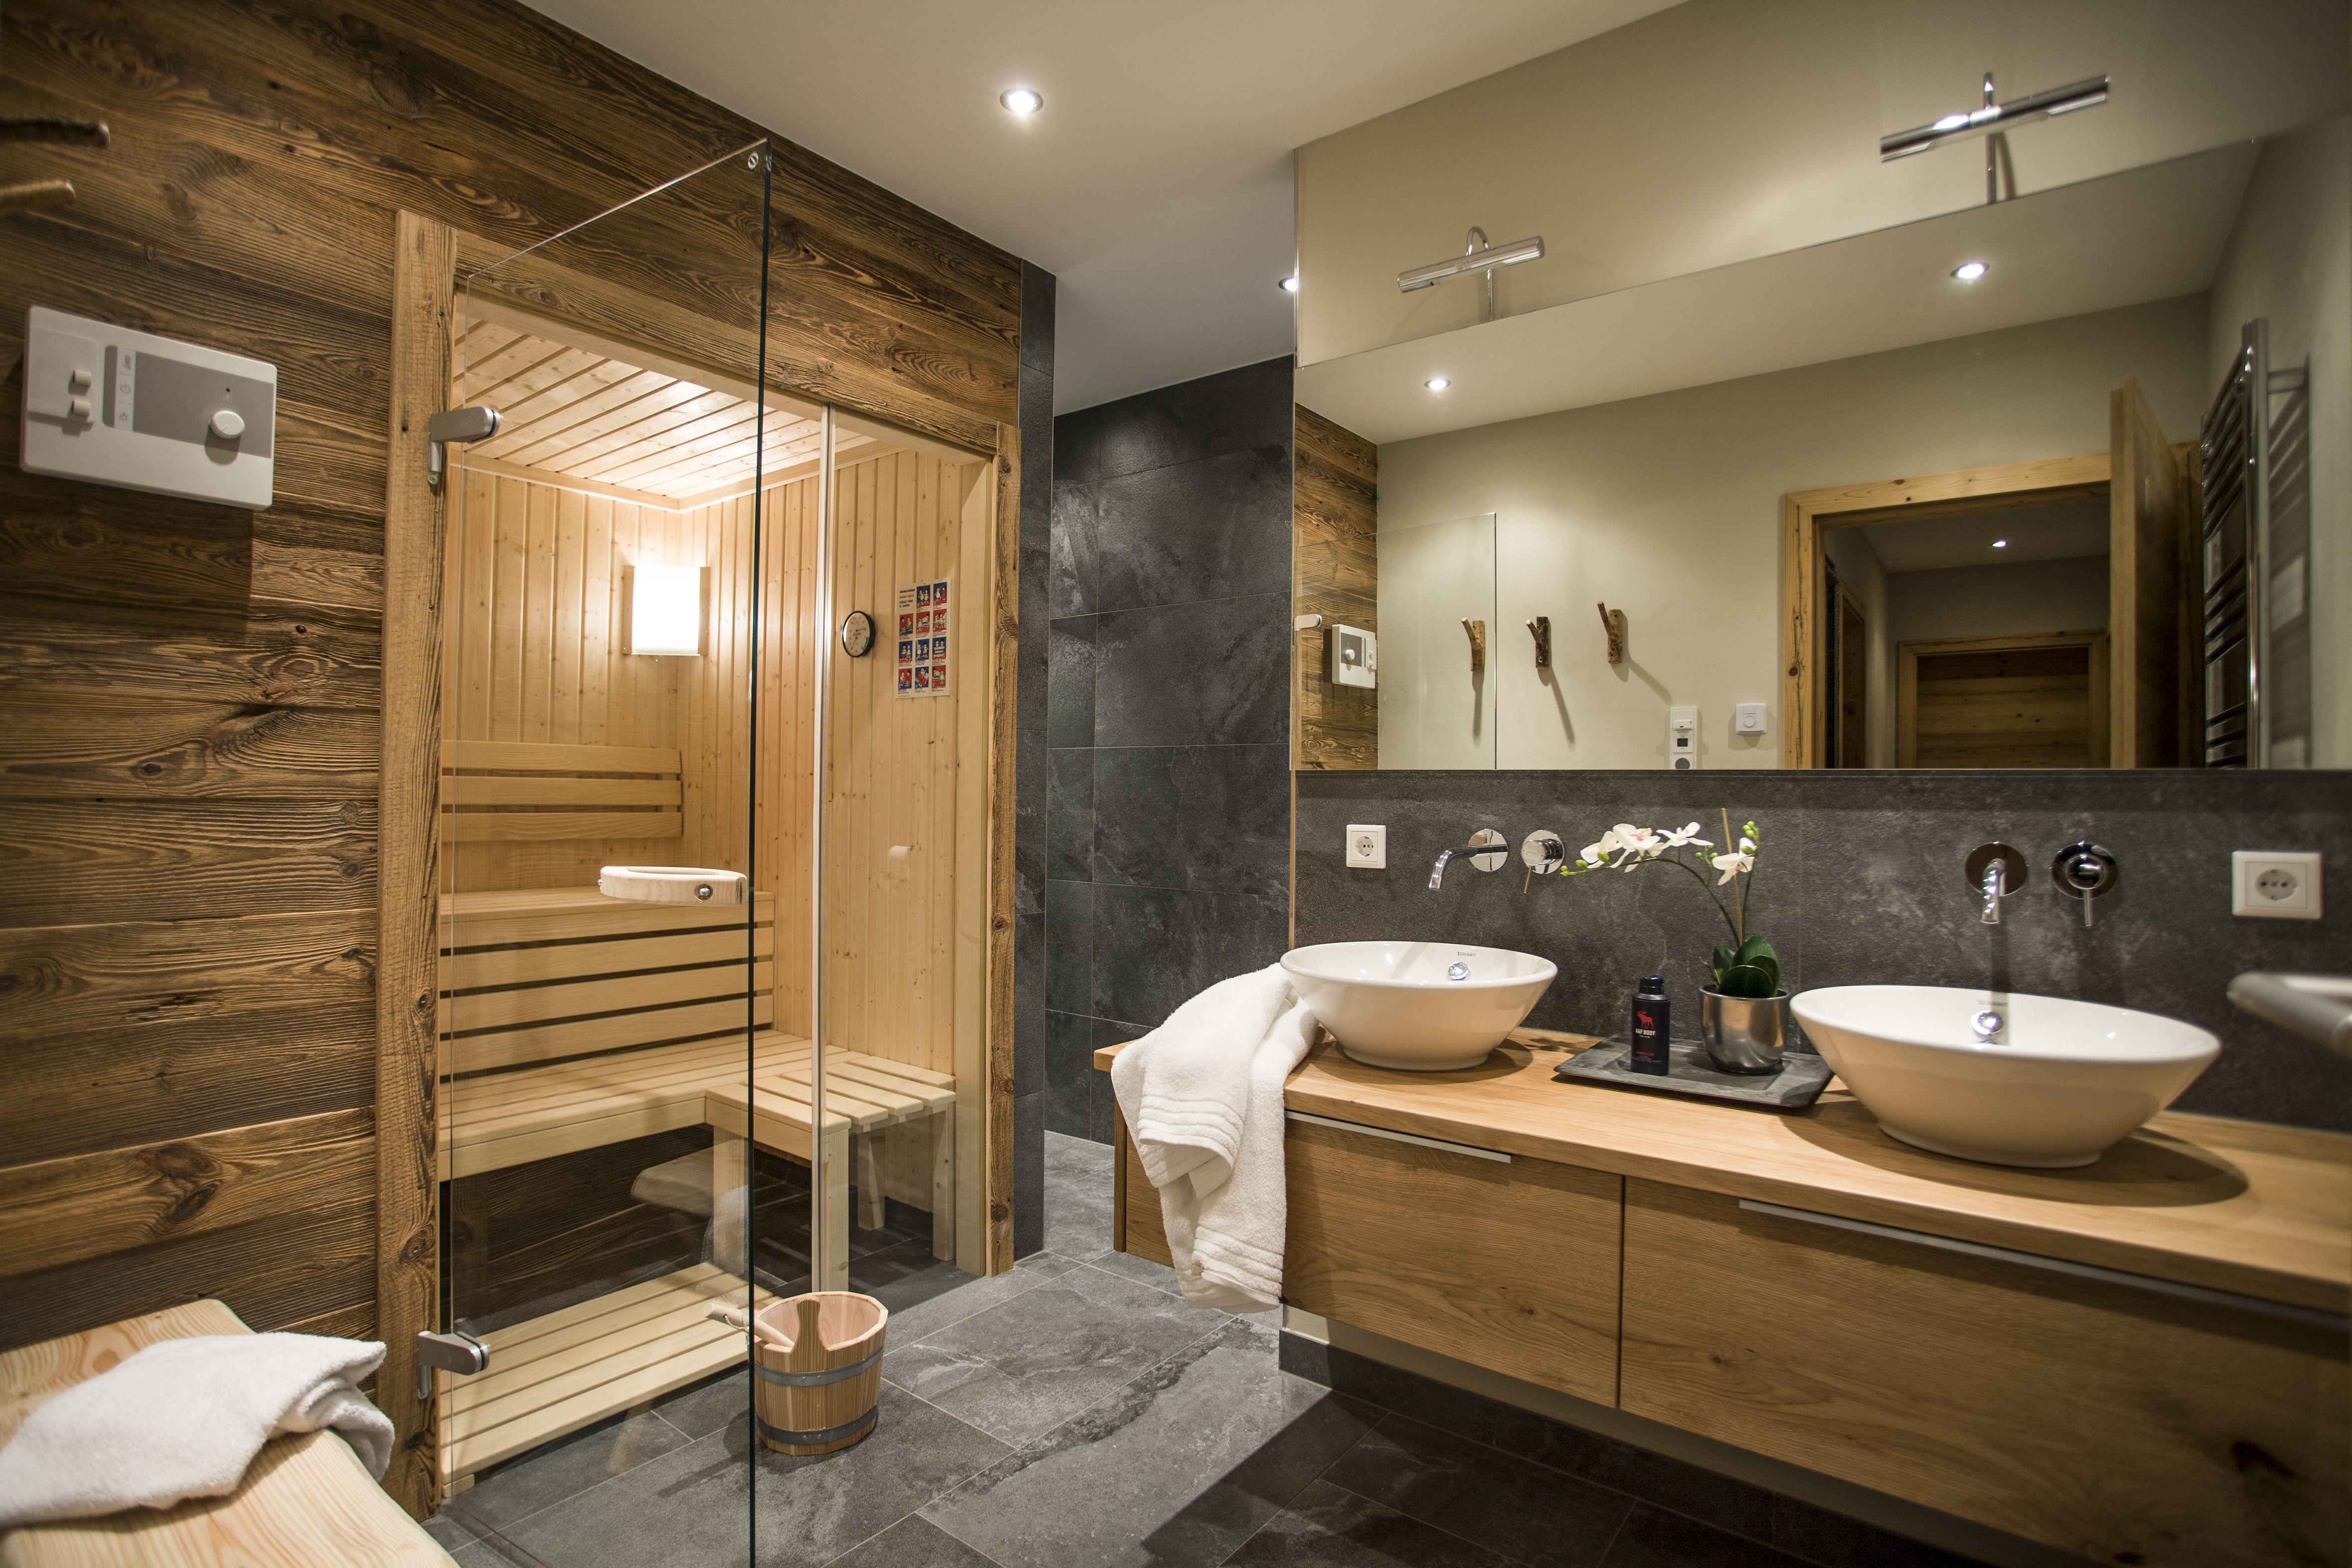 Wellness Sauna Bathroom With Rainshower Ipod Dockin Station Etc Chalet Annewill Klassisches Badezimmer Badezimmer Mit Sauna Moderne Badarmaturen